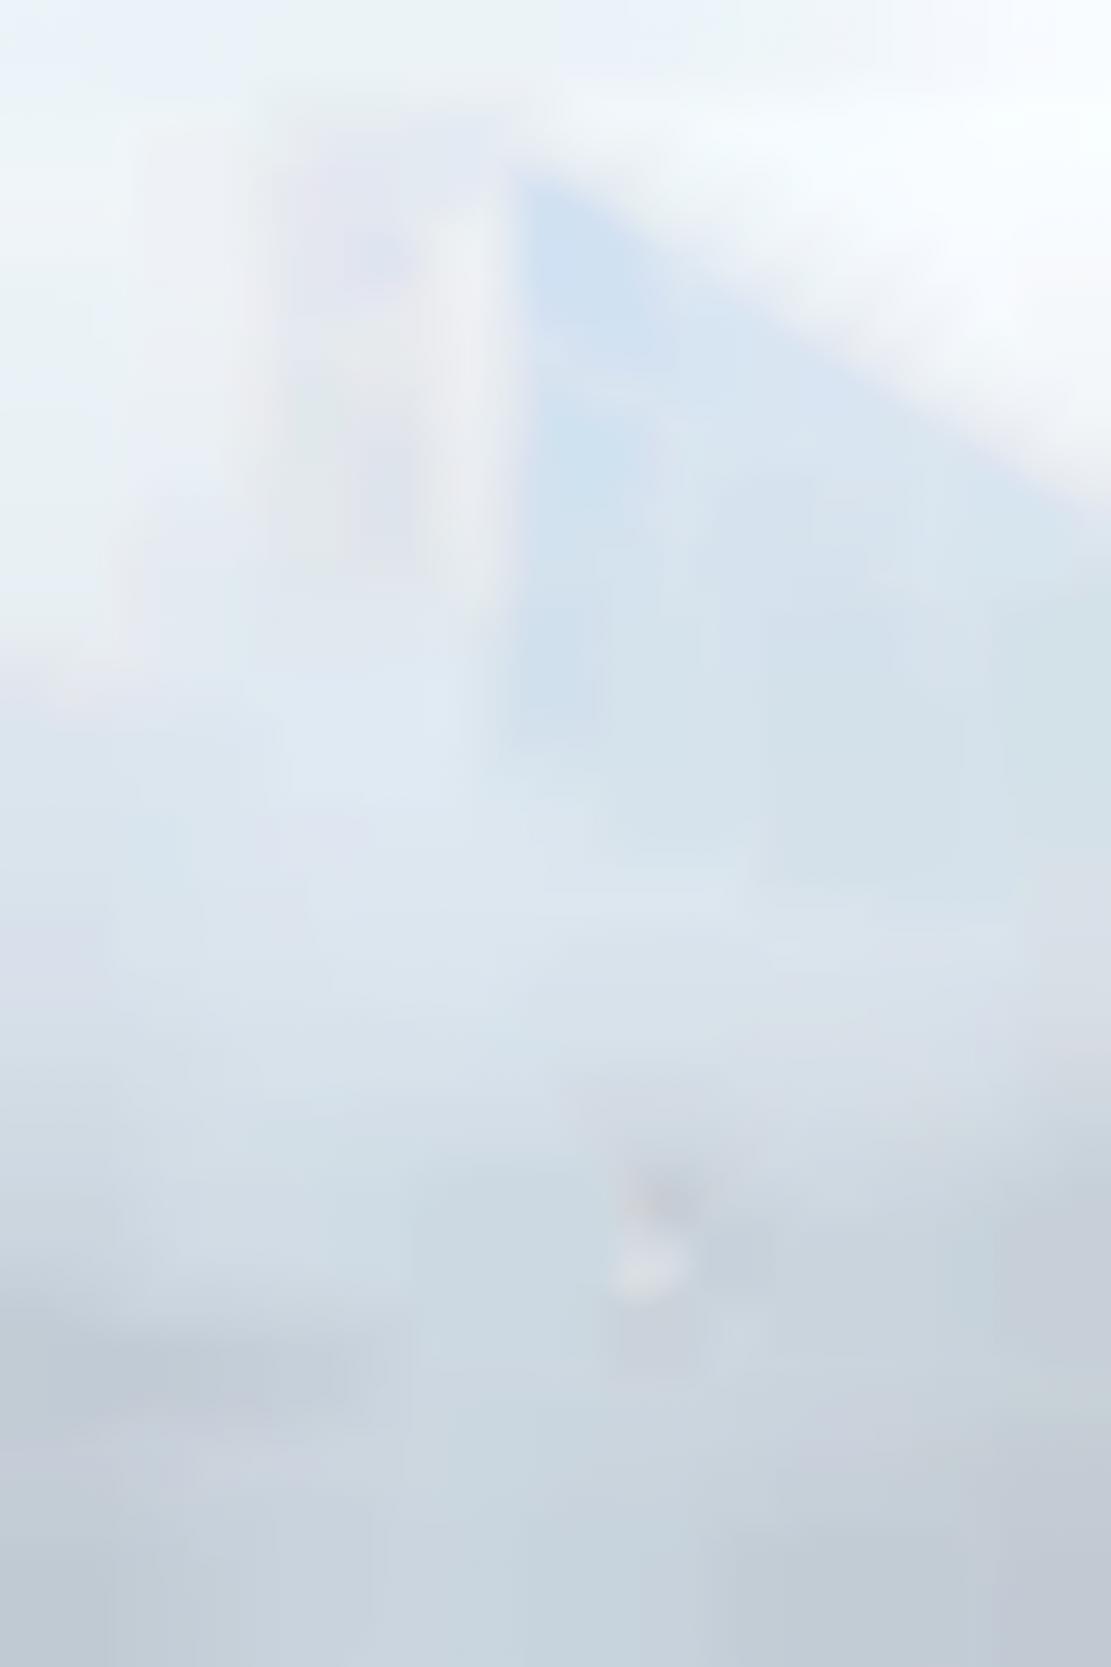 JR-28 Millimetres, Portrait Dune Generation, Les Bosquets, In The Mist, Montfermeil, France-2014